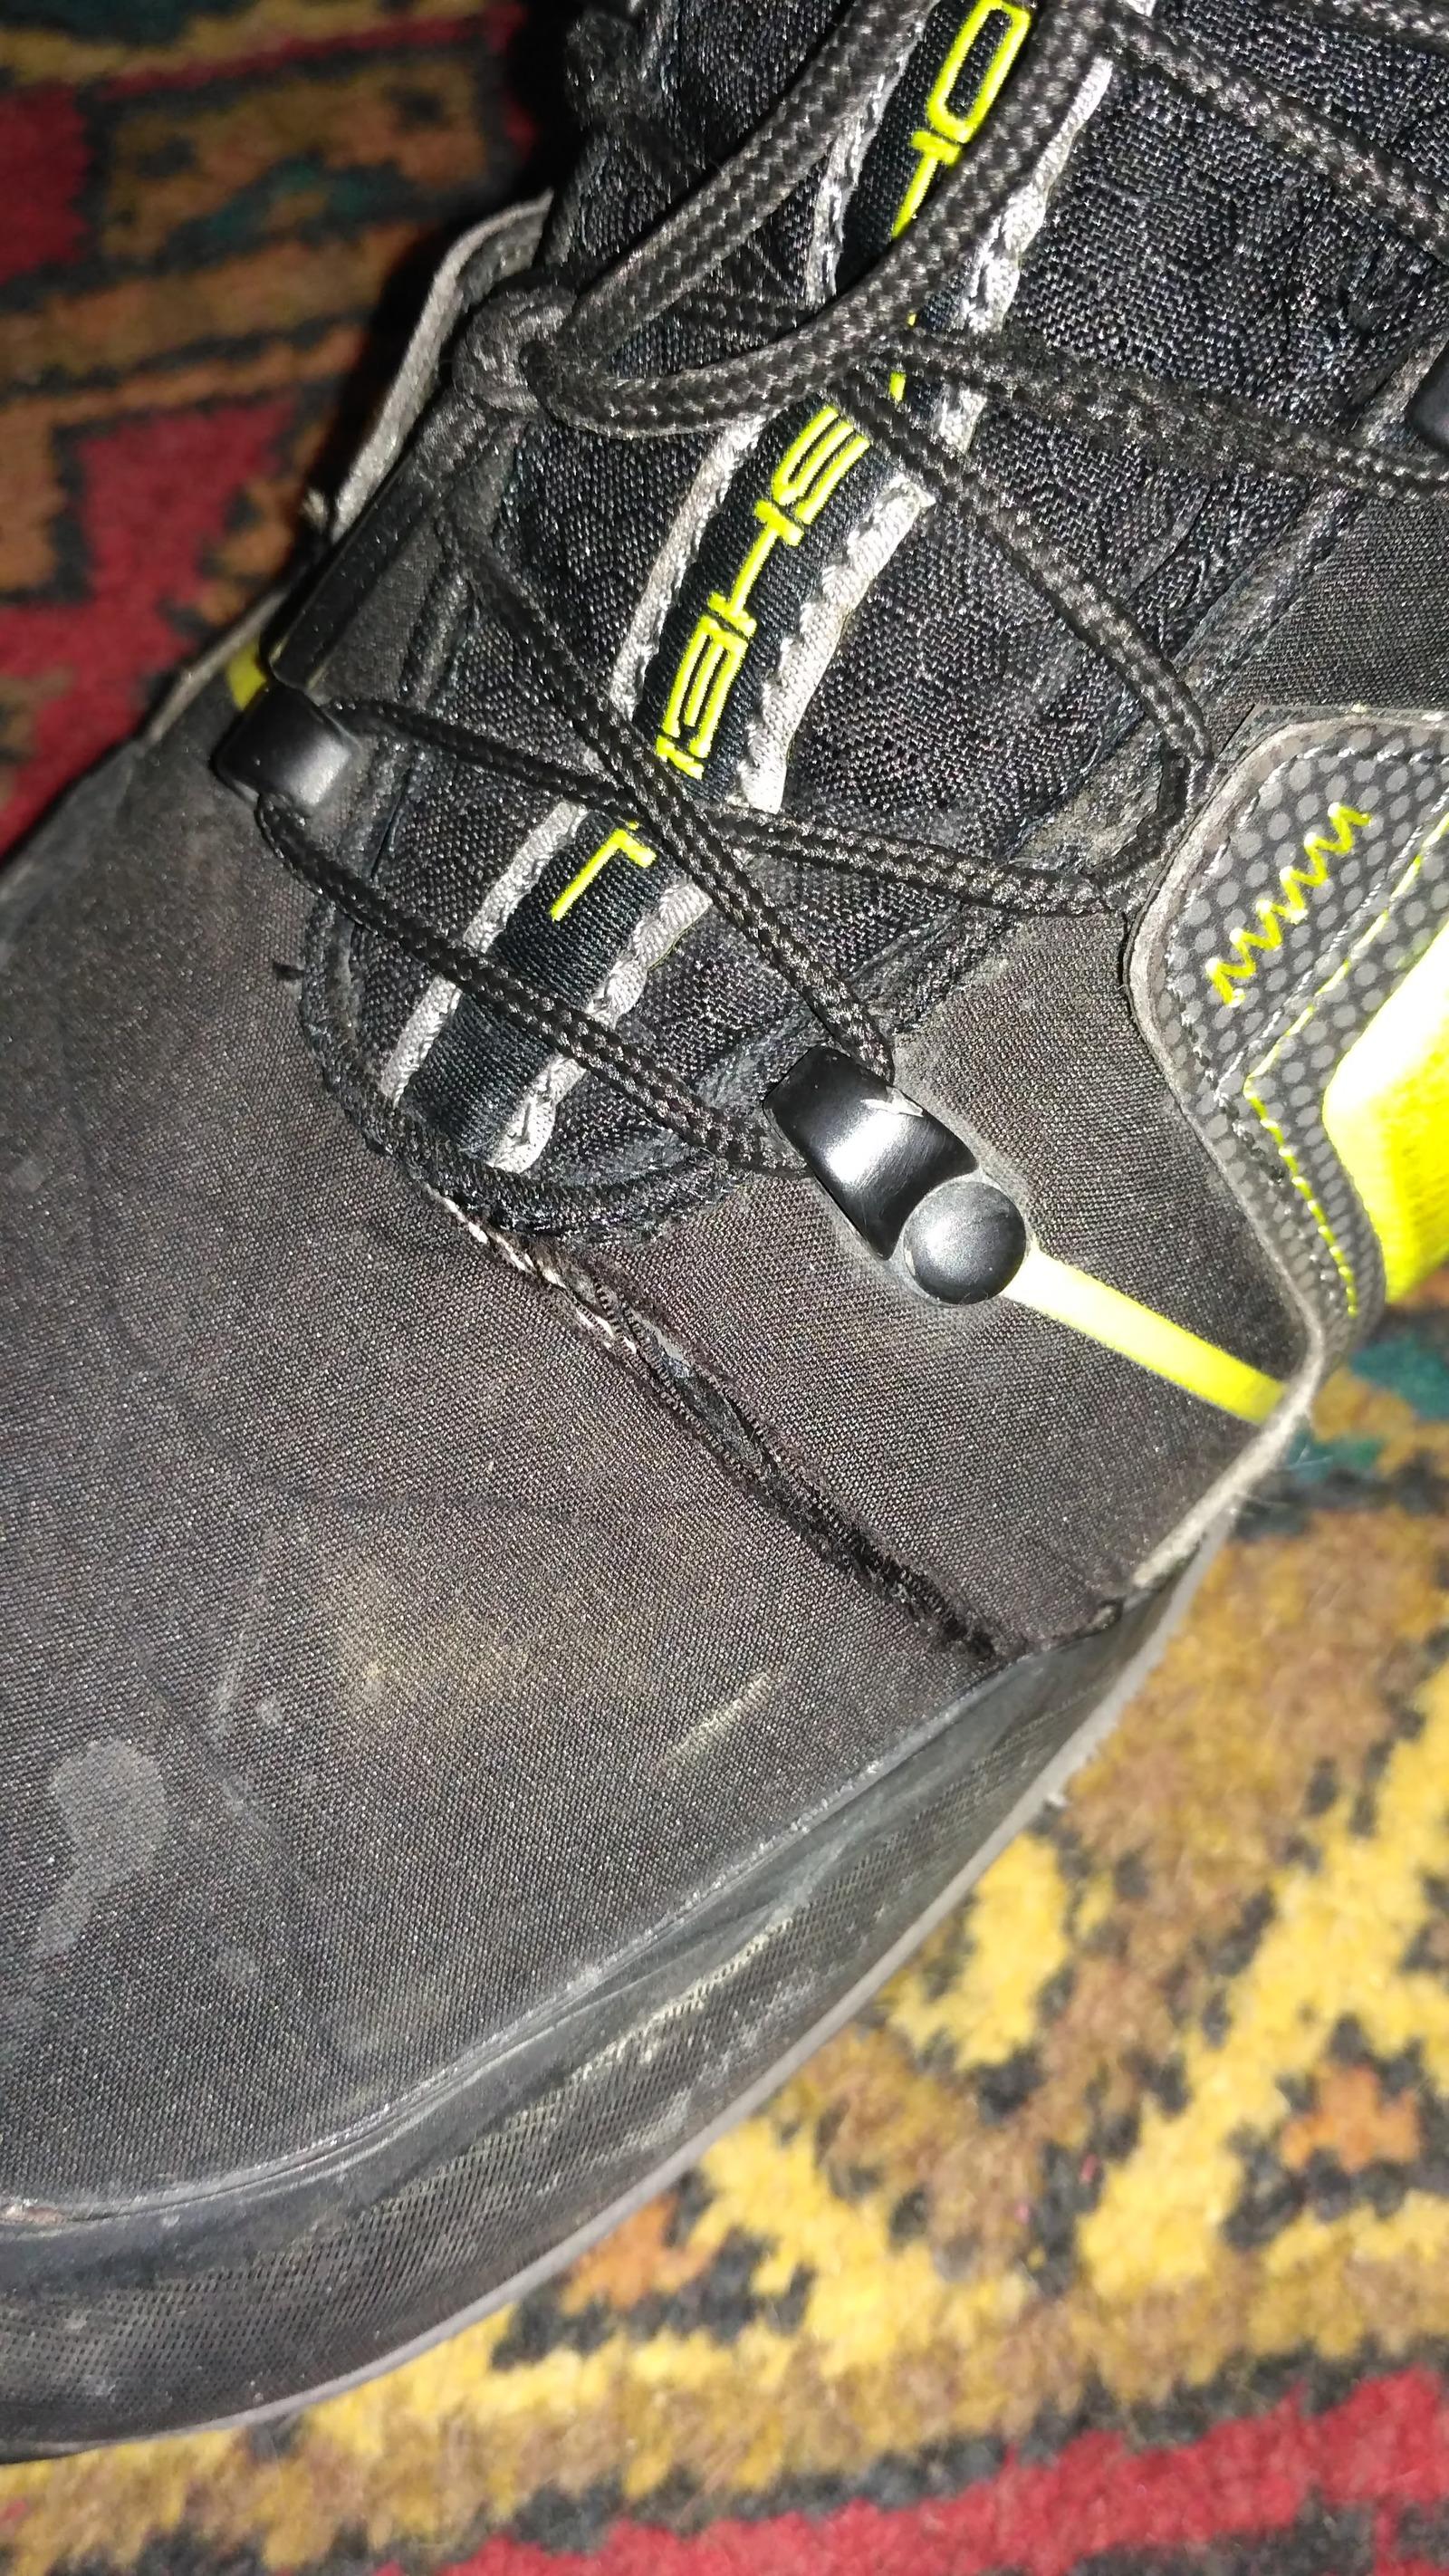 Ботинки порвались через месяц гарантия 60 дней